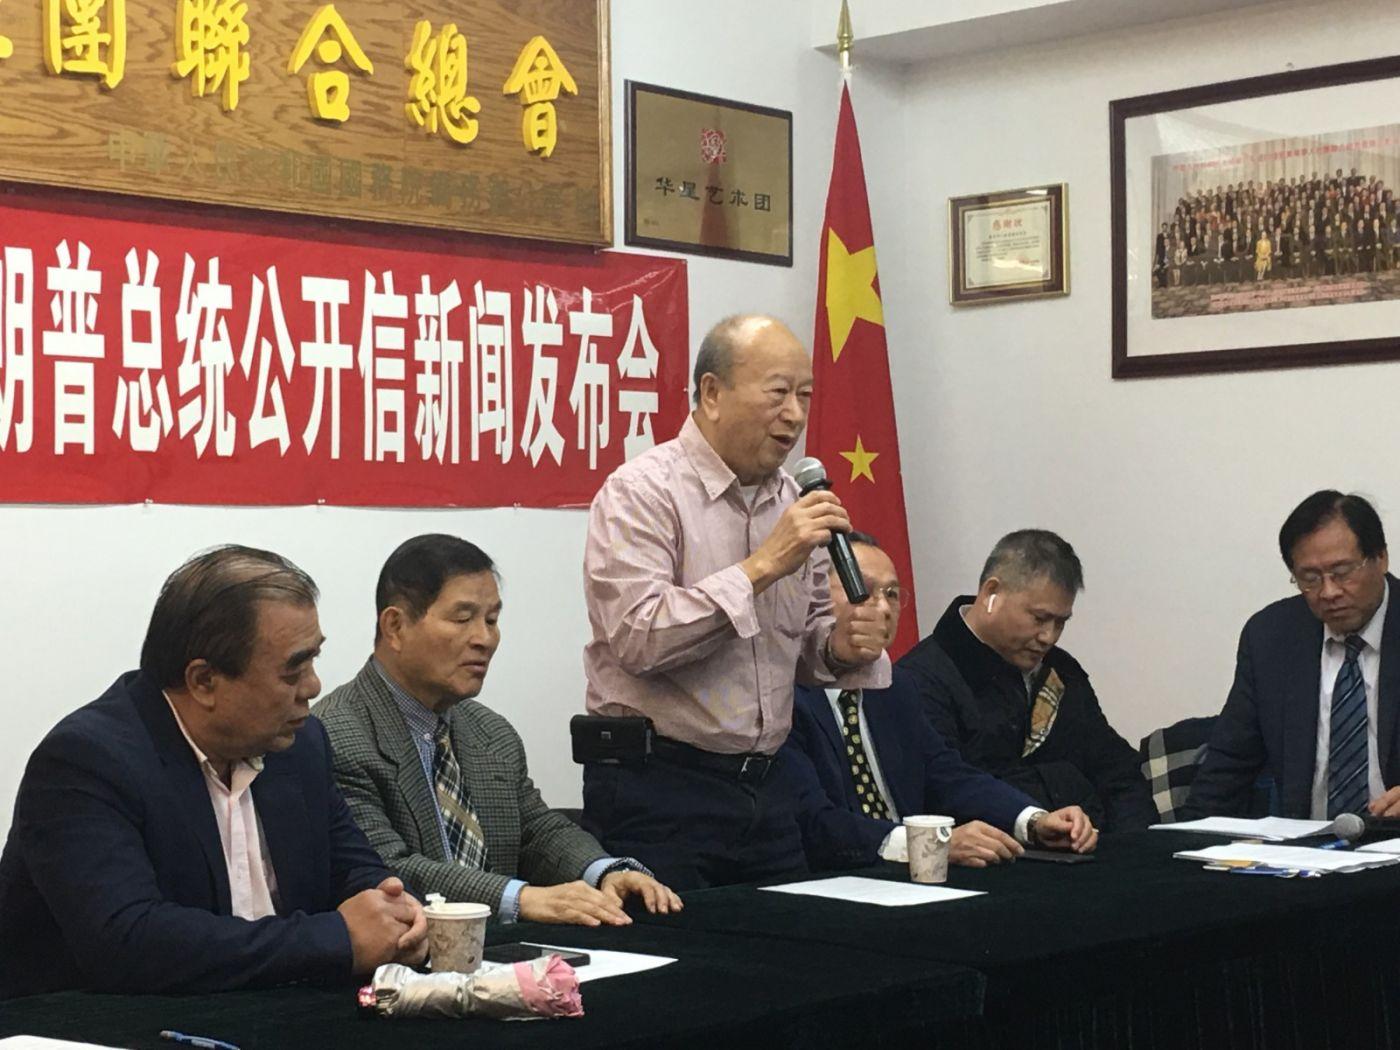 美東各界華僑華人致特朗普總統公開信新聞發佈會_图1-8